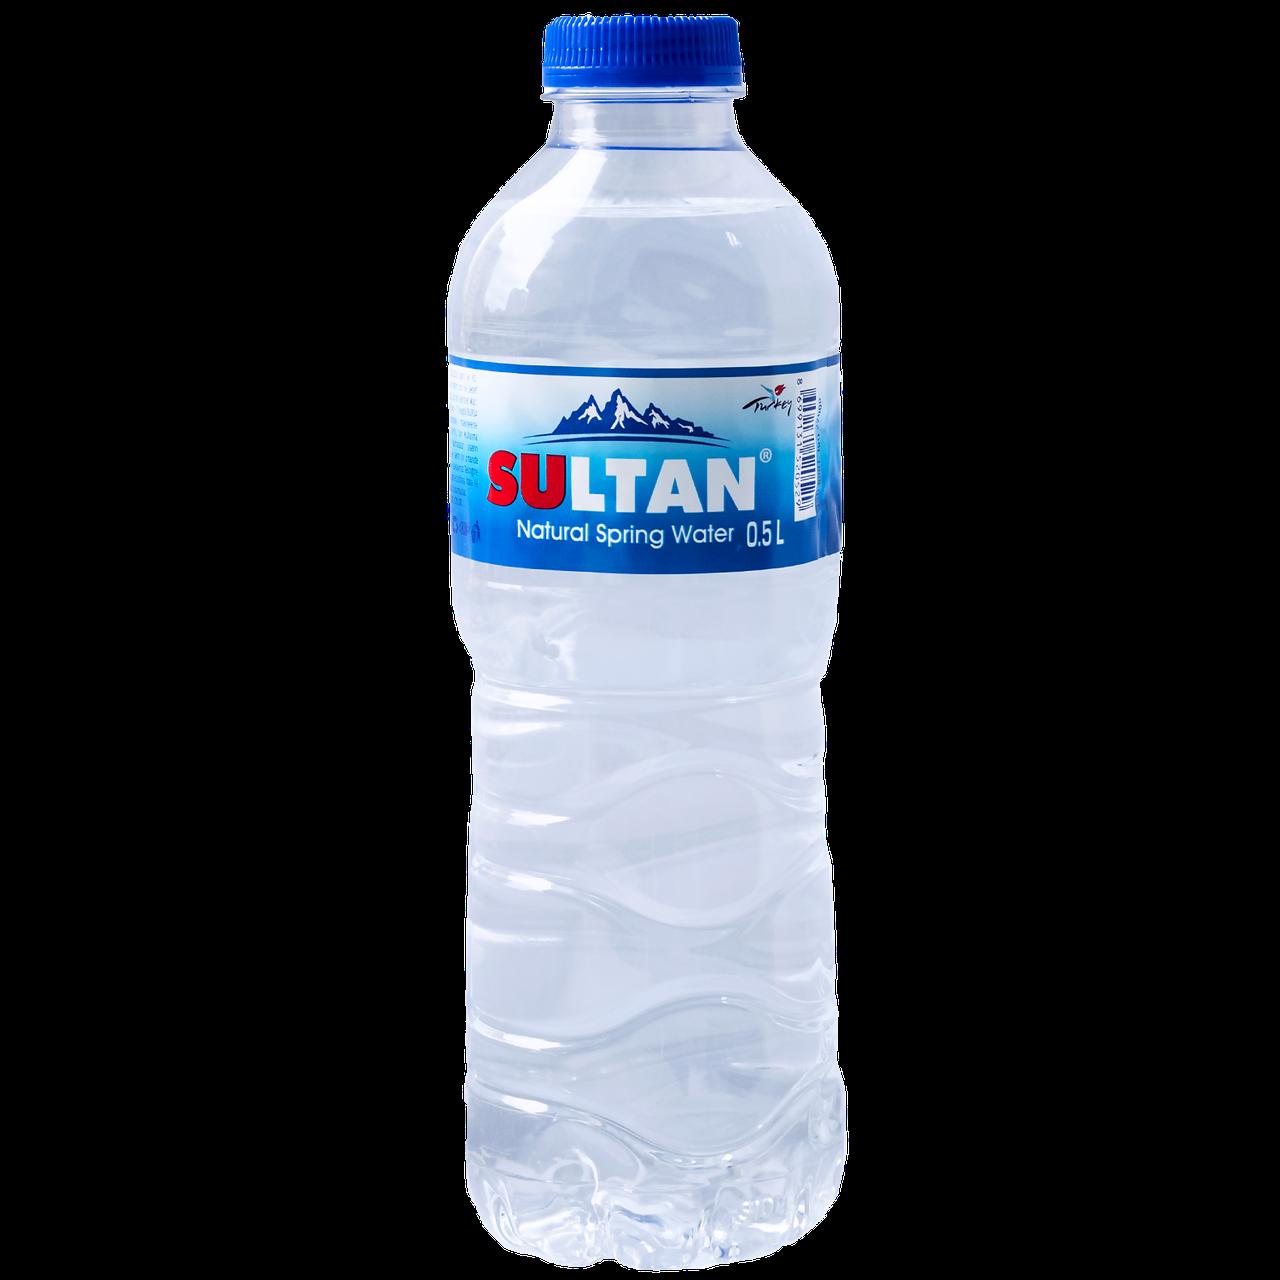 """Вода природная родниковая """"Sultan""""негаз 0.5 л, пэт (уп/12 бут.)"""